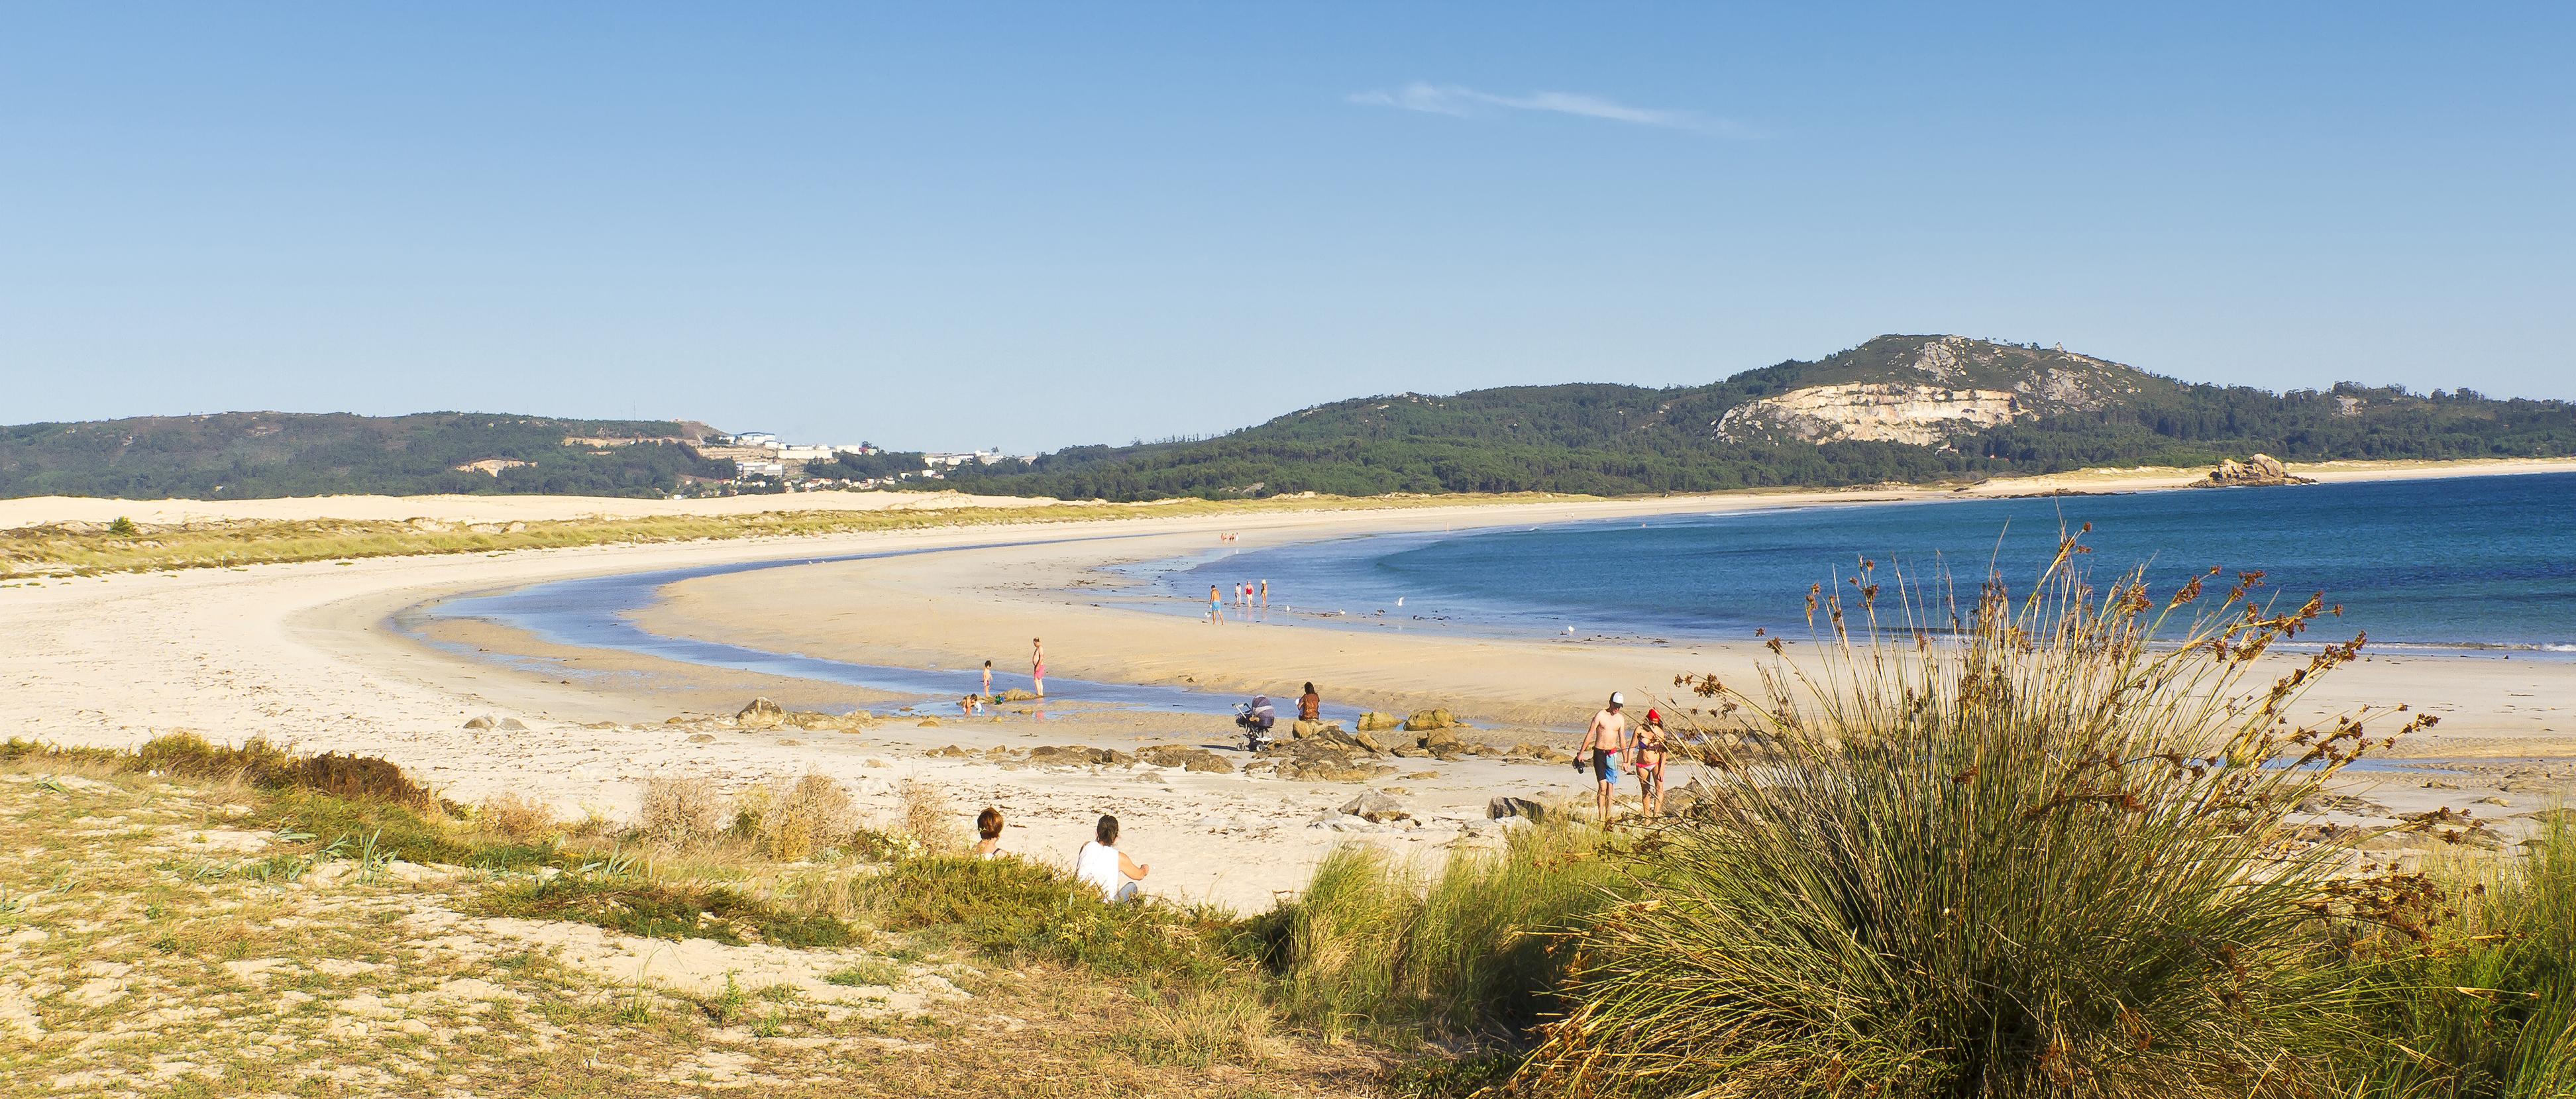 Santiago también tiene playa